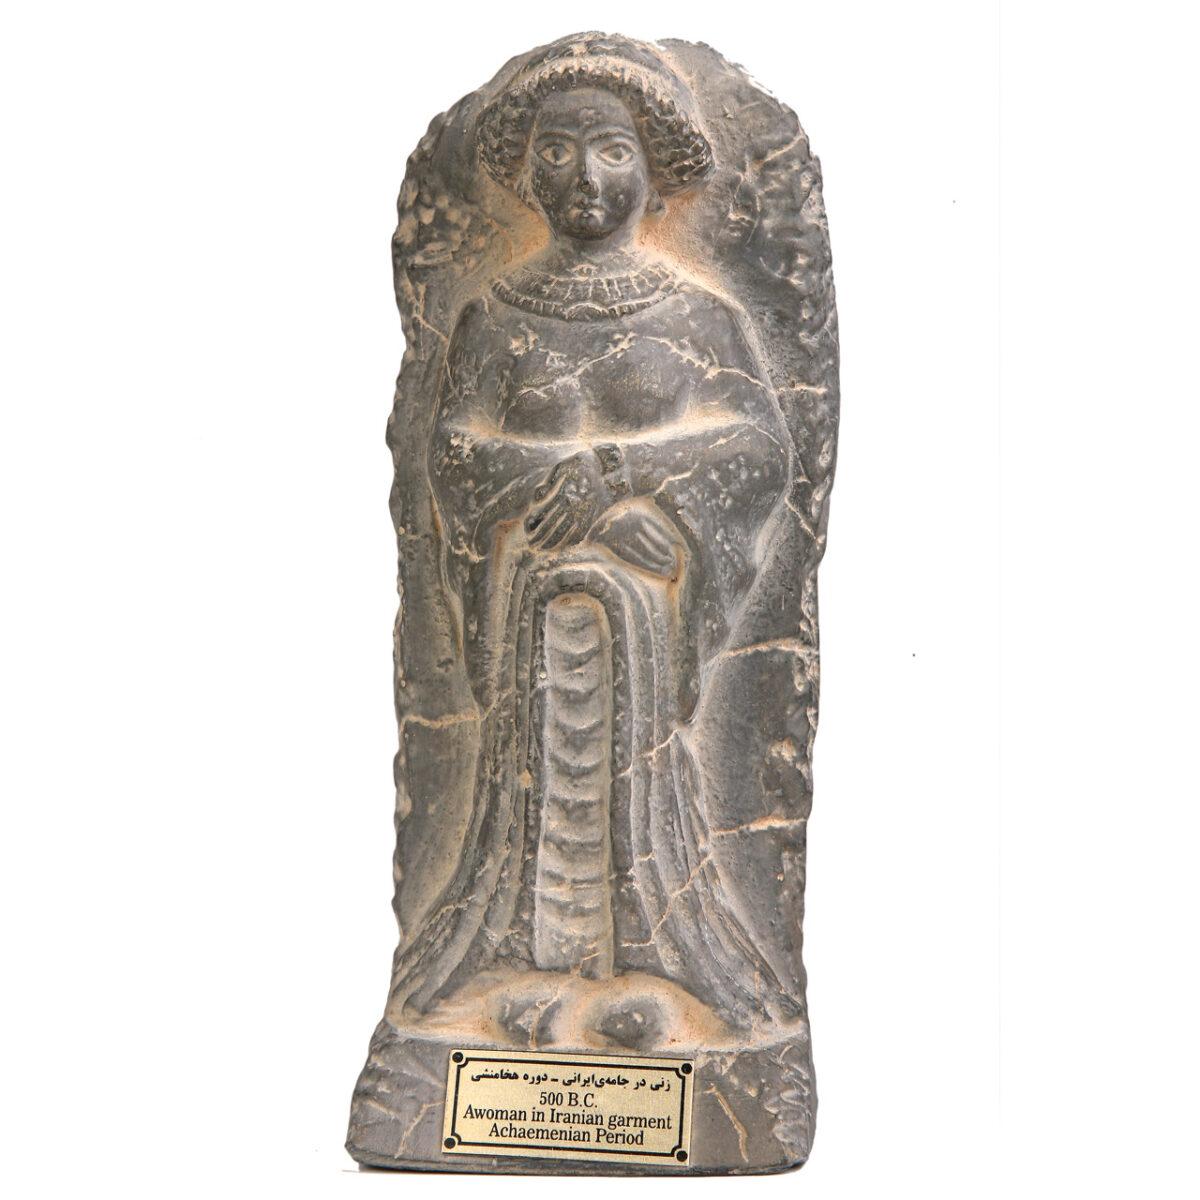 مجسمه تندیس و پیکره شهریار مدل تندیس زنی در جامعه ایرانی کد MO470